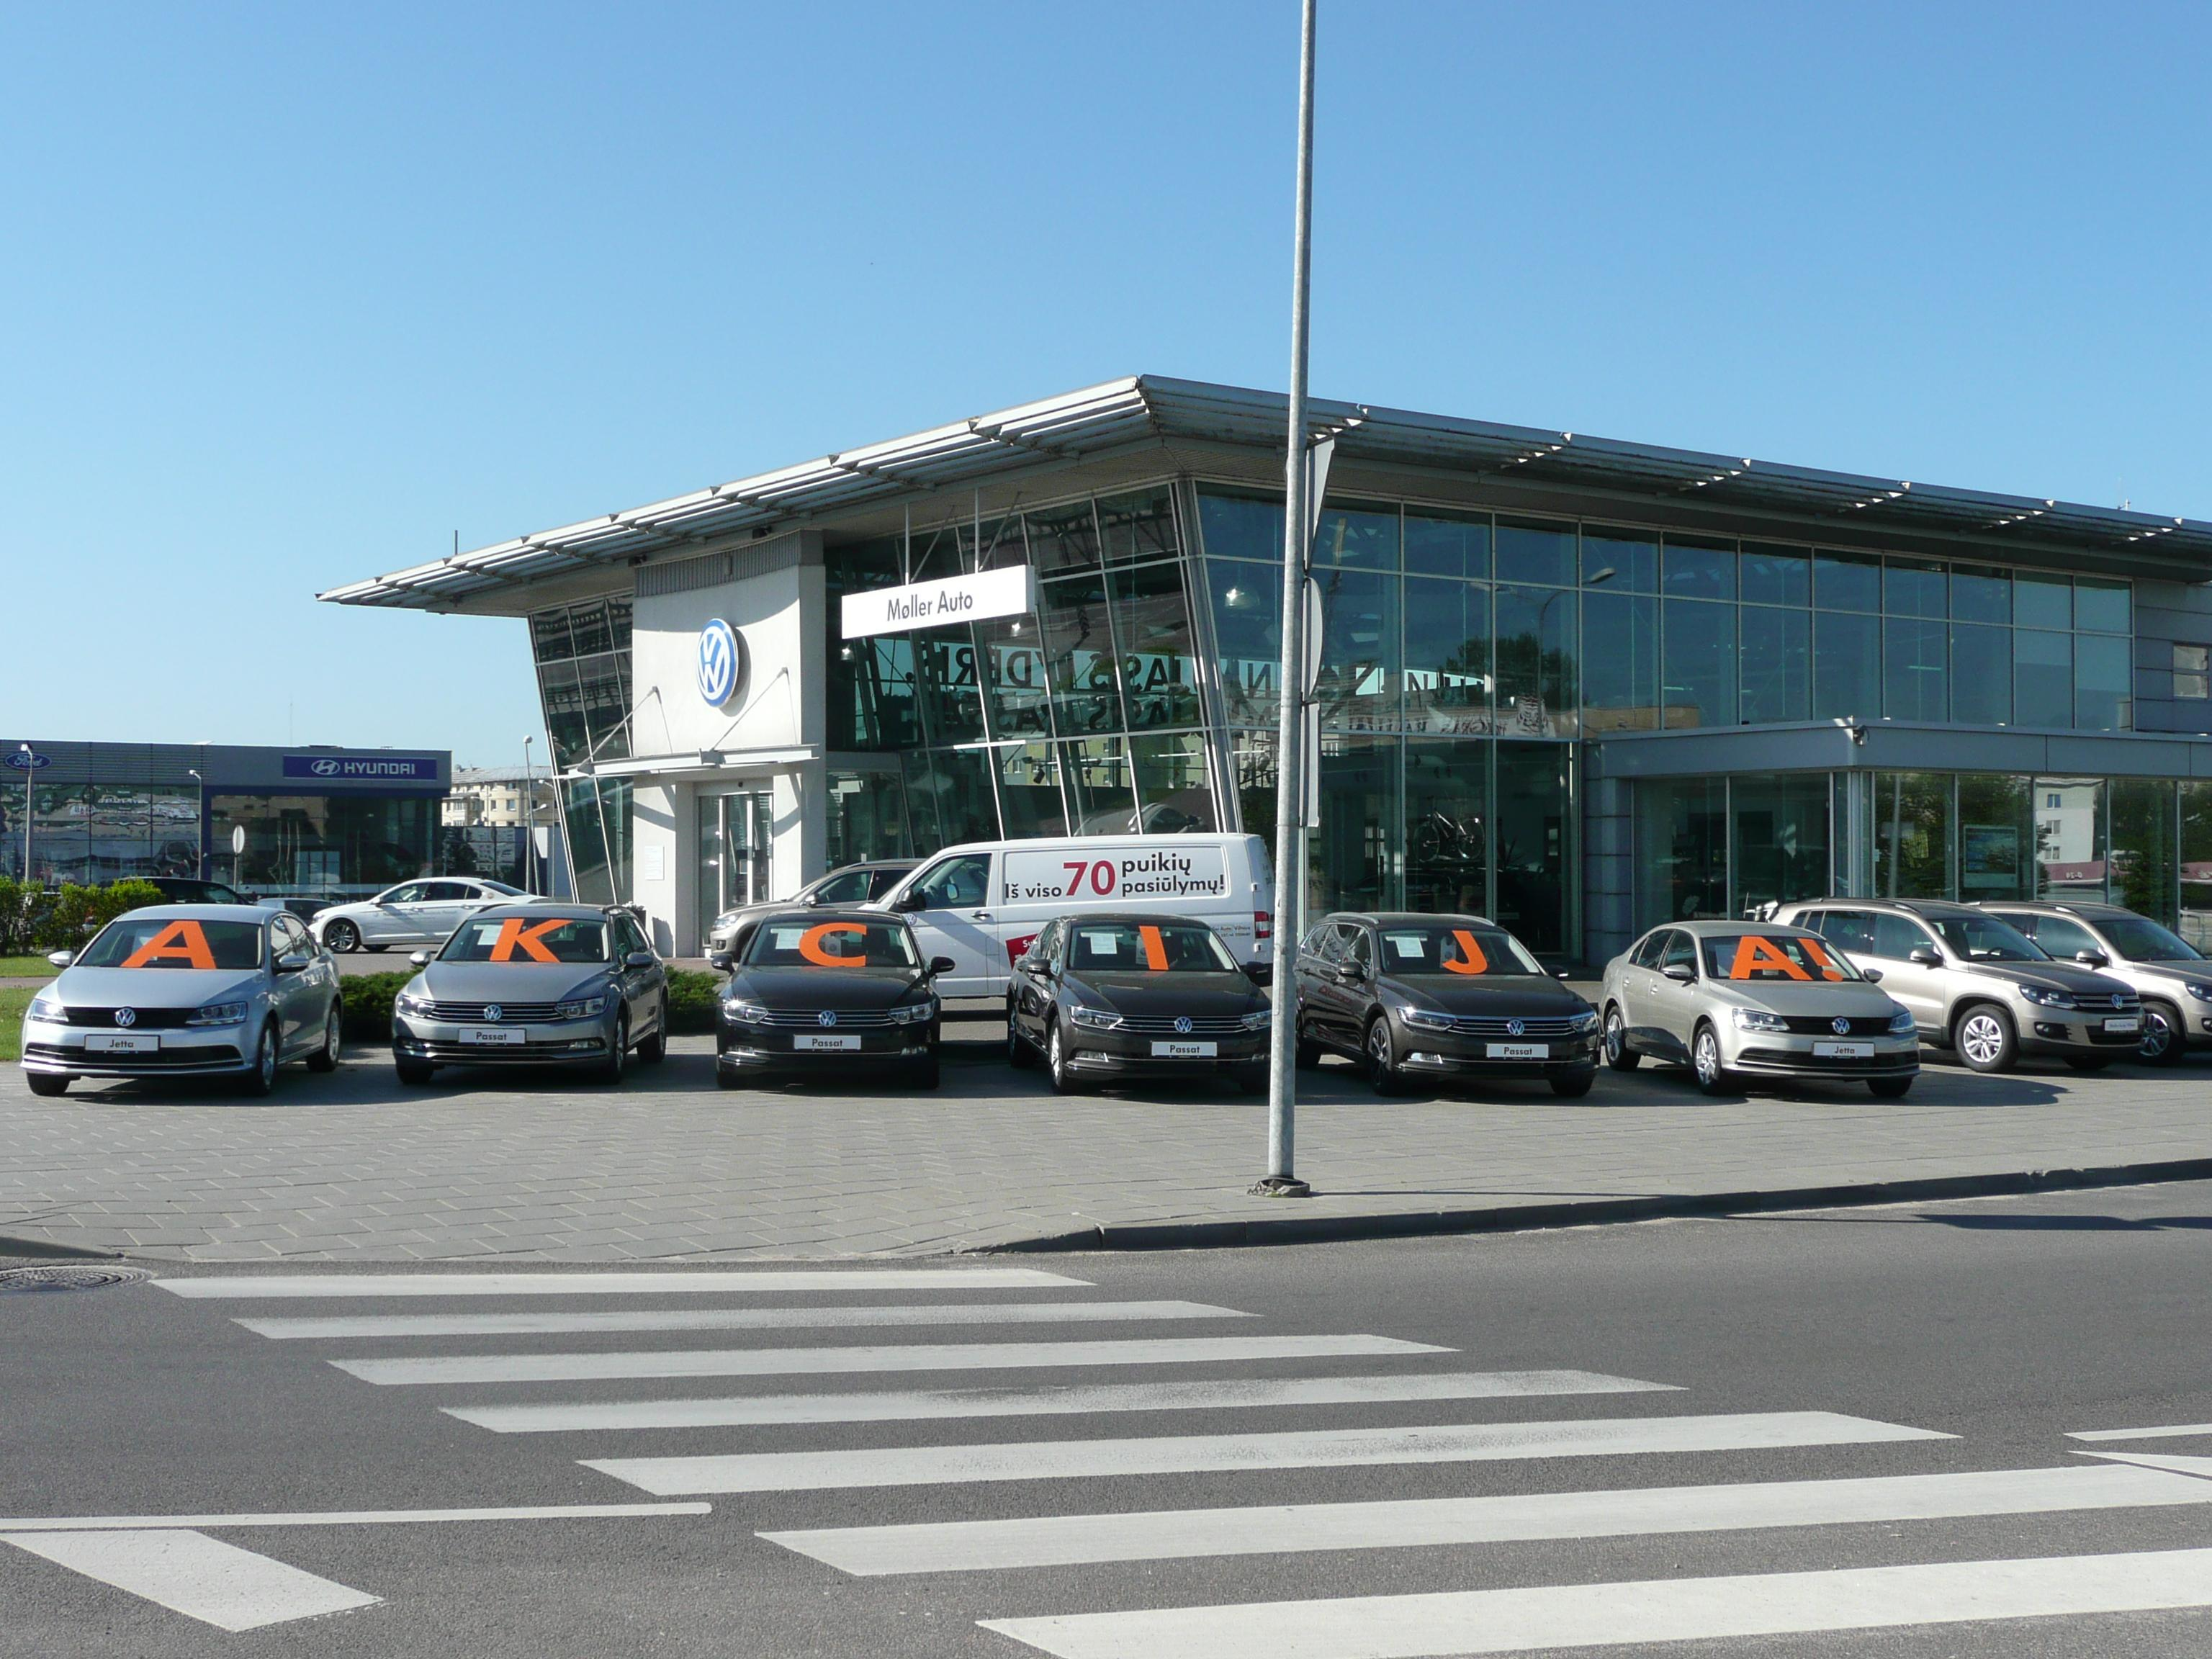 Volkswagen на фоне скандала потерял долю рынка впервые с 2007 года